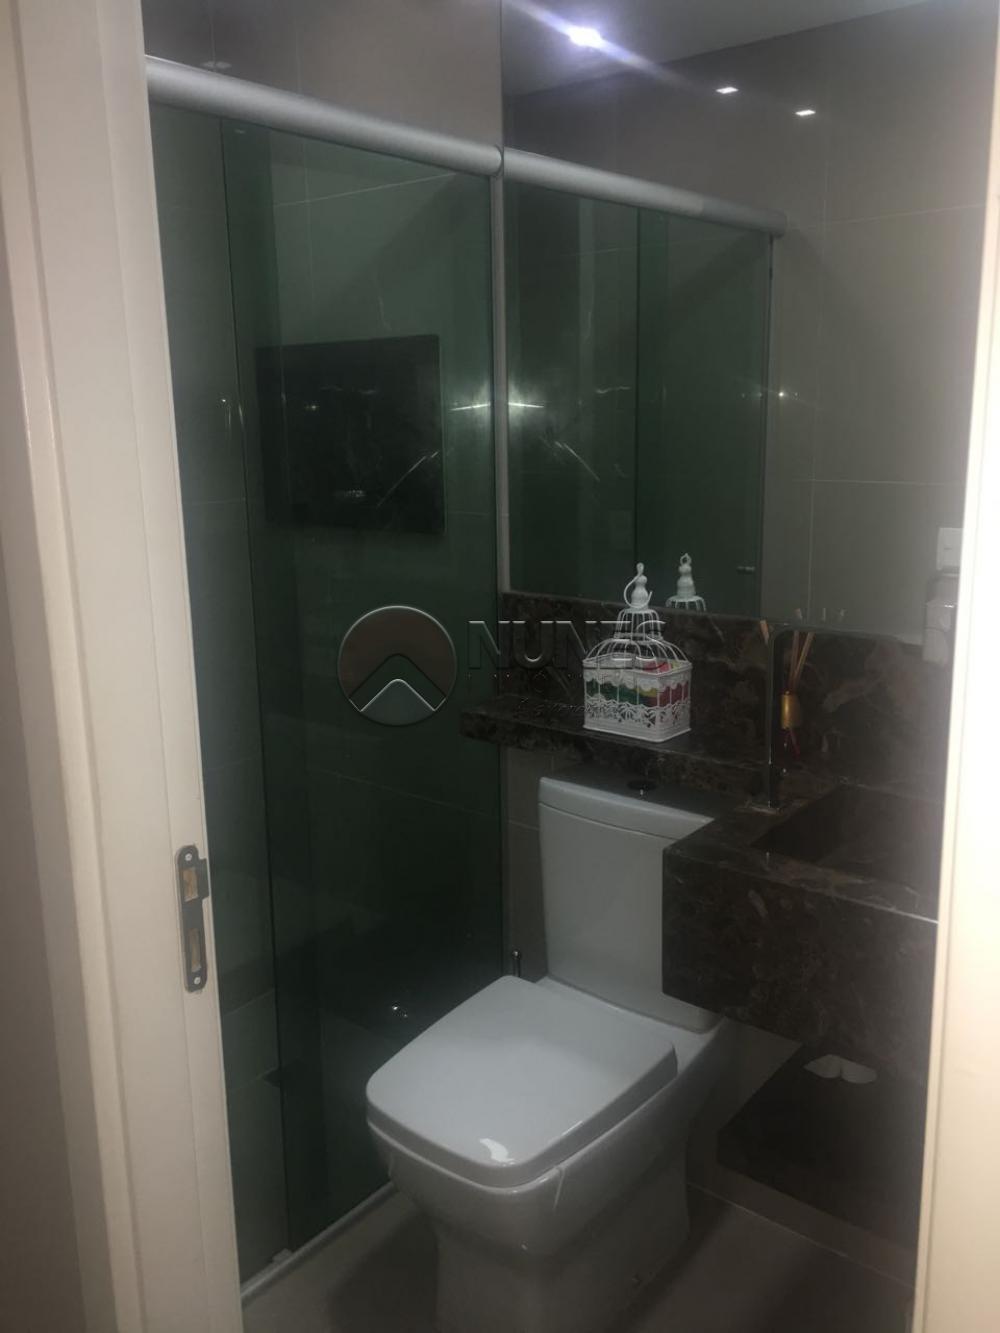 Comprar Apartamento / Padrão em Barueri apenas R$ 405.000,00 - Foto 13